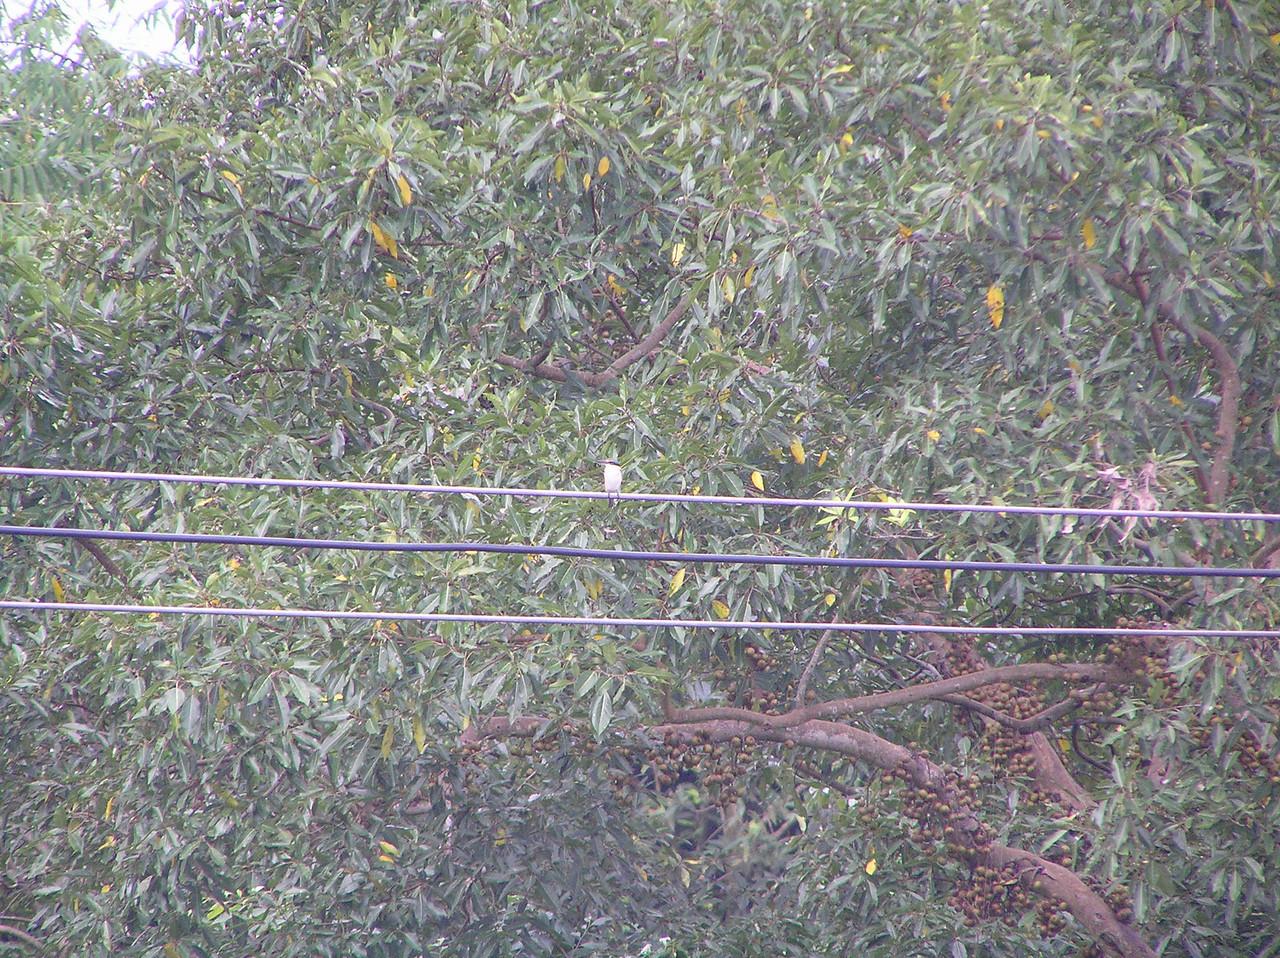 sacred kingfisher Bali Aug 2010